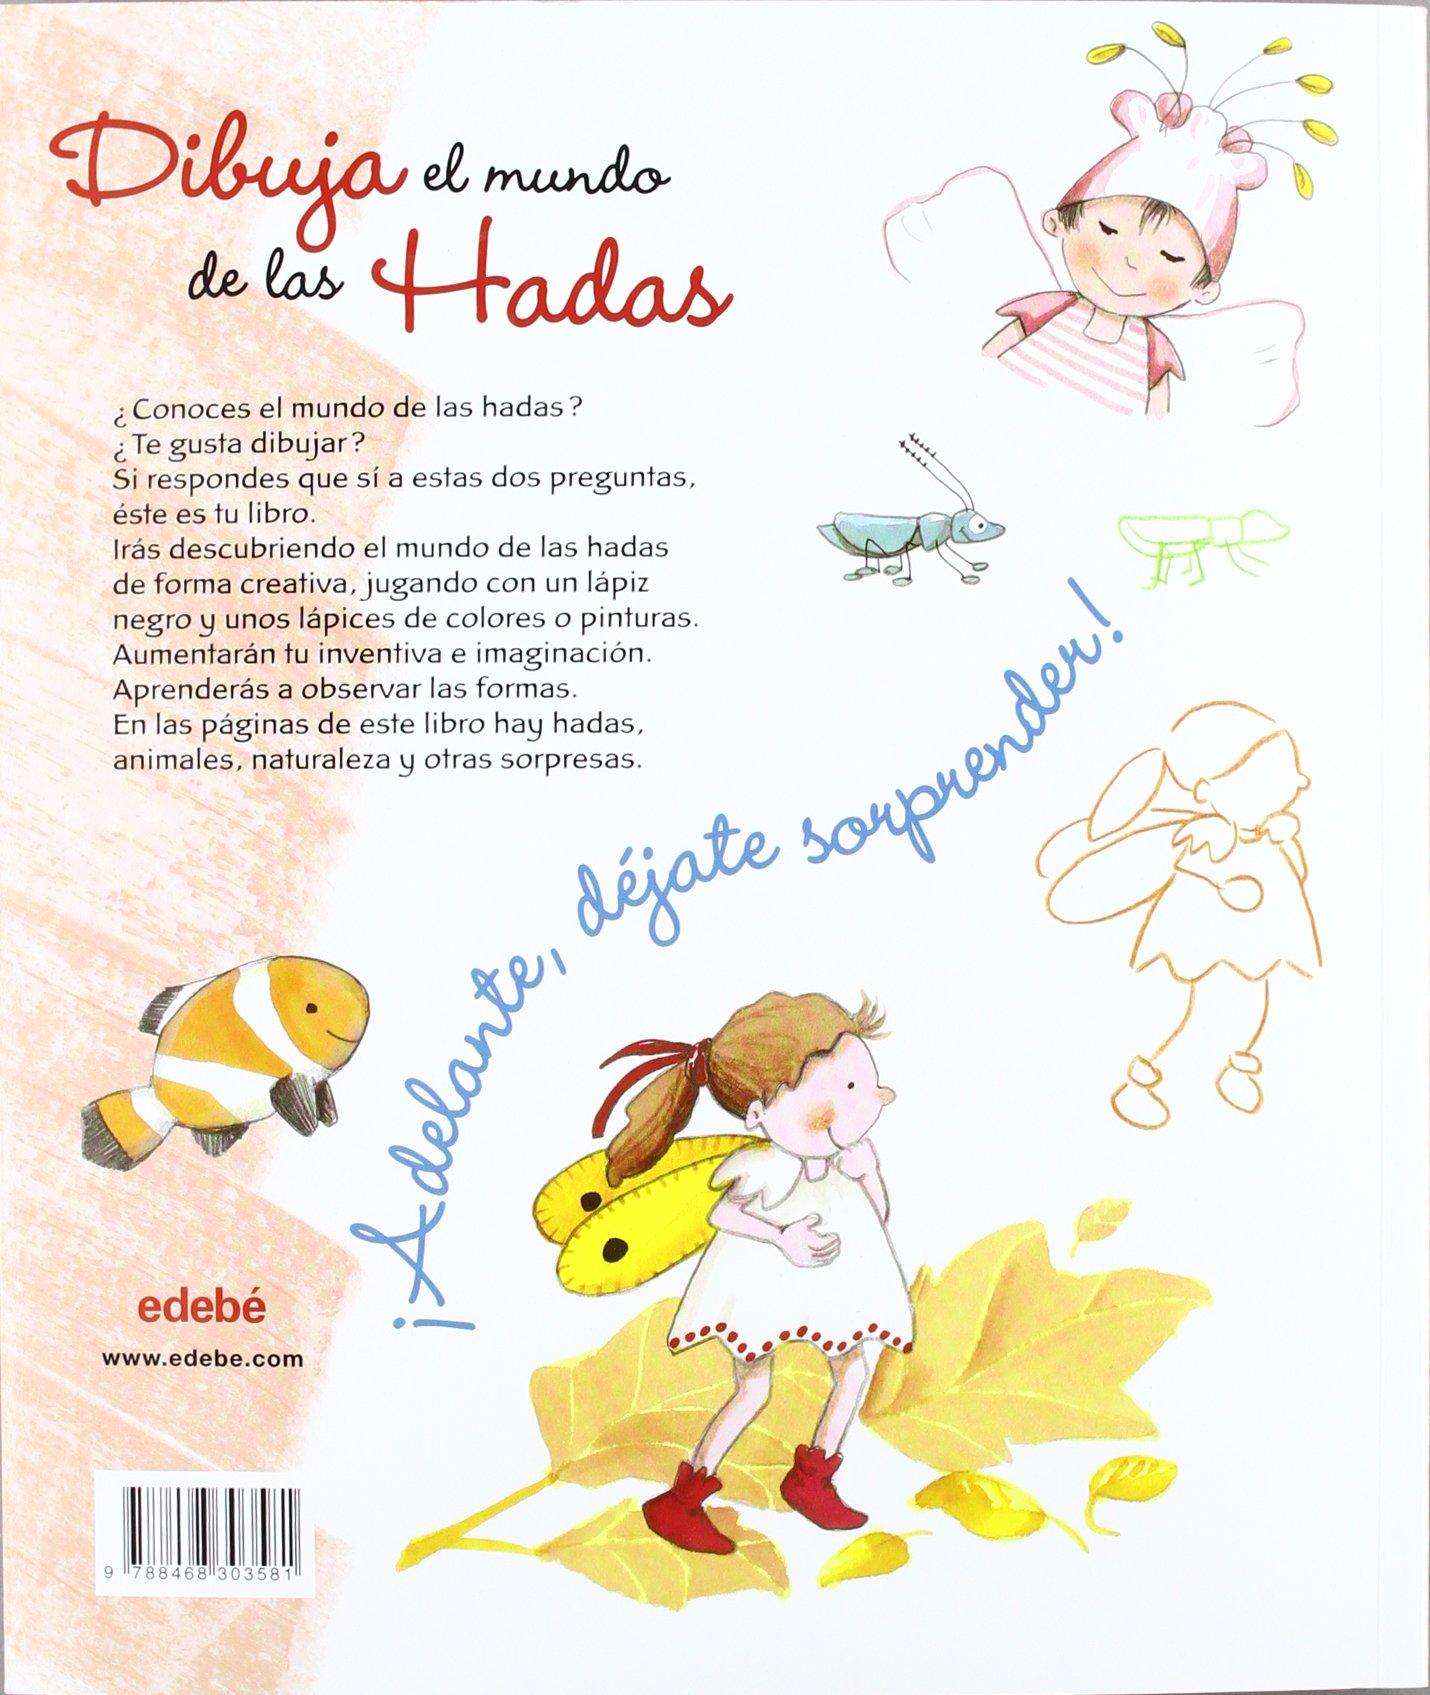 Amazonin Buy Dibuja El Mundo De Las Hadas Book Online At Low